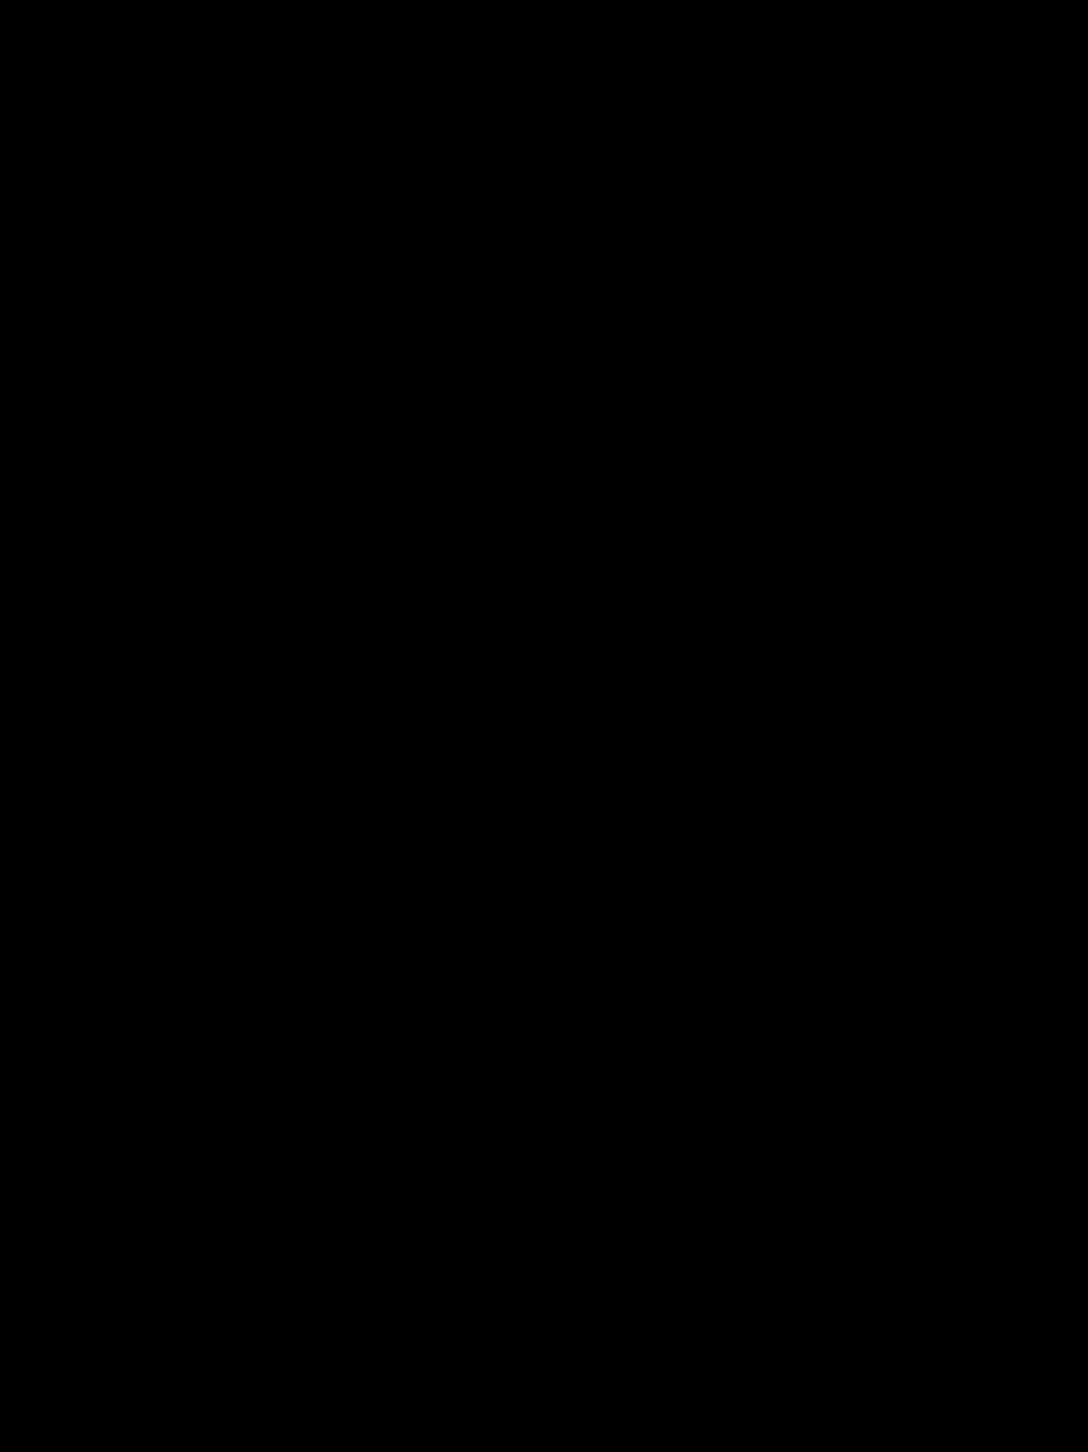 rce-053